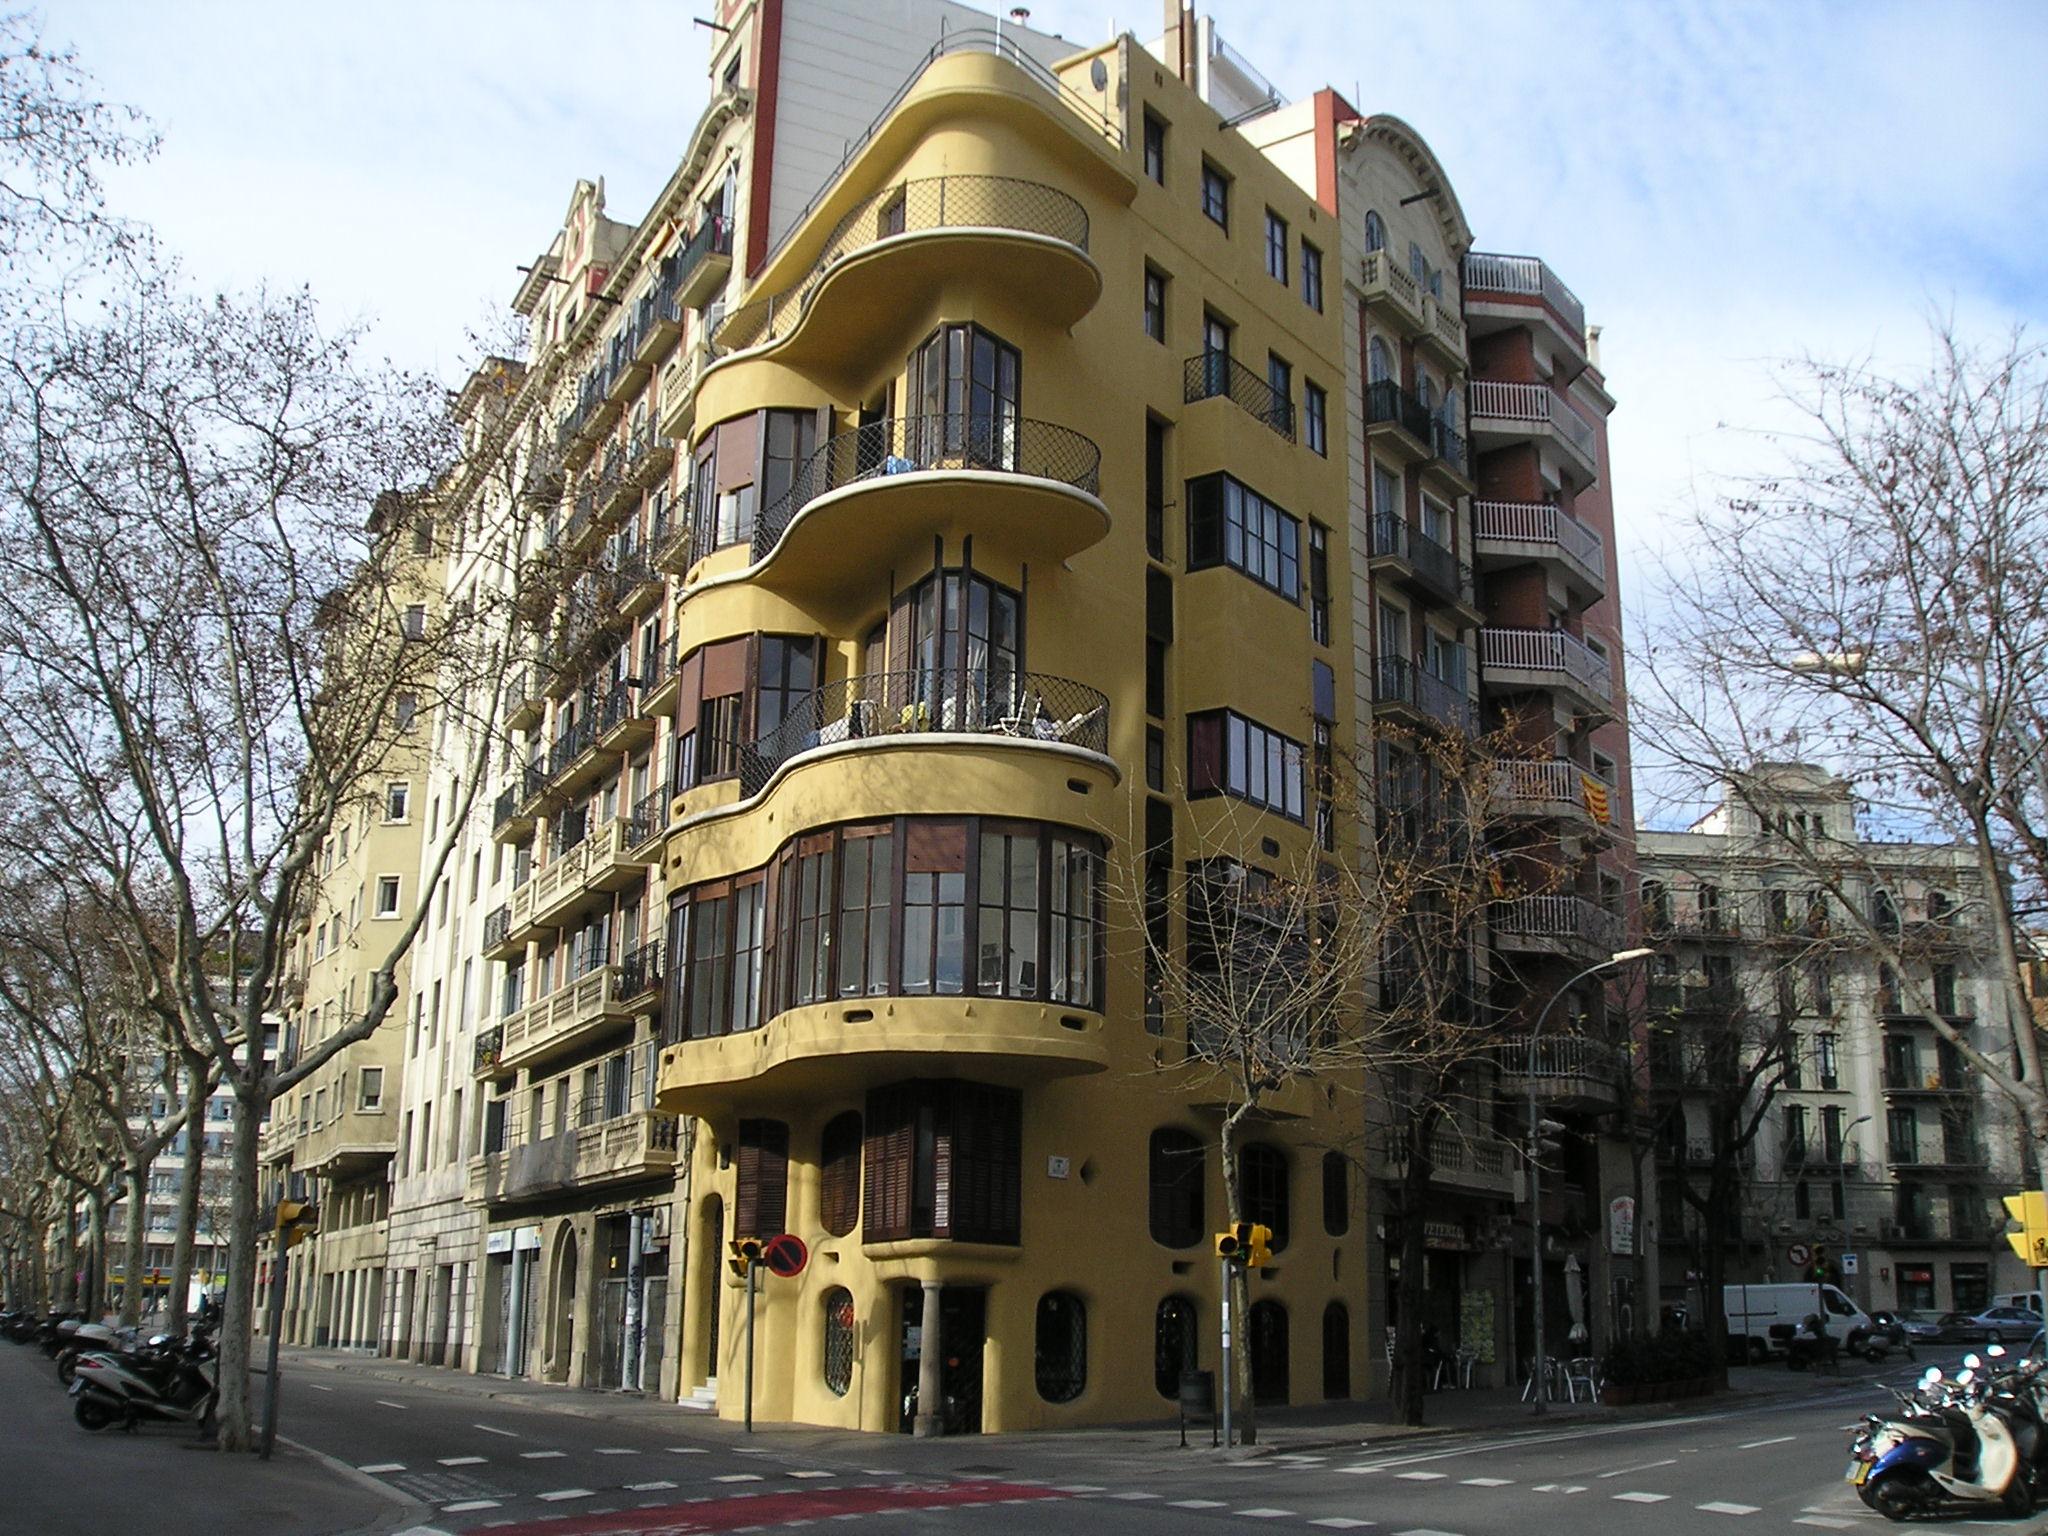 Jujol de natural curi s - Natura casa barcelona ...